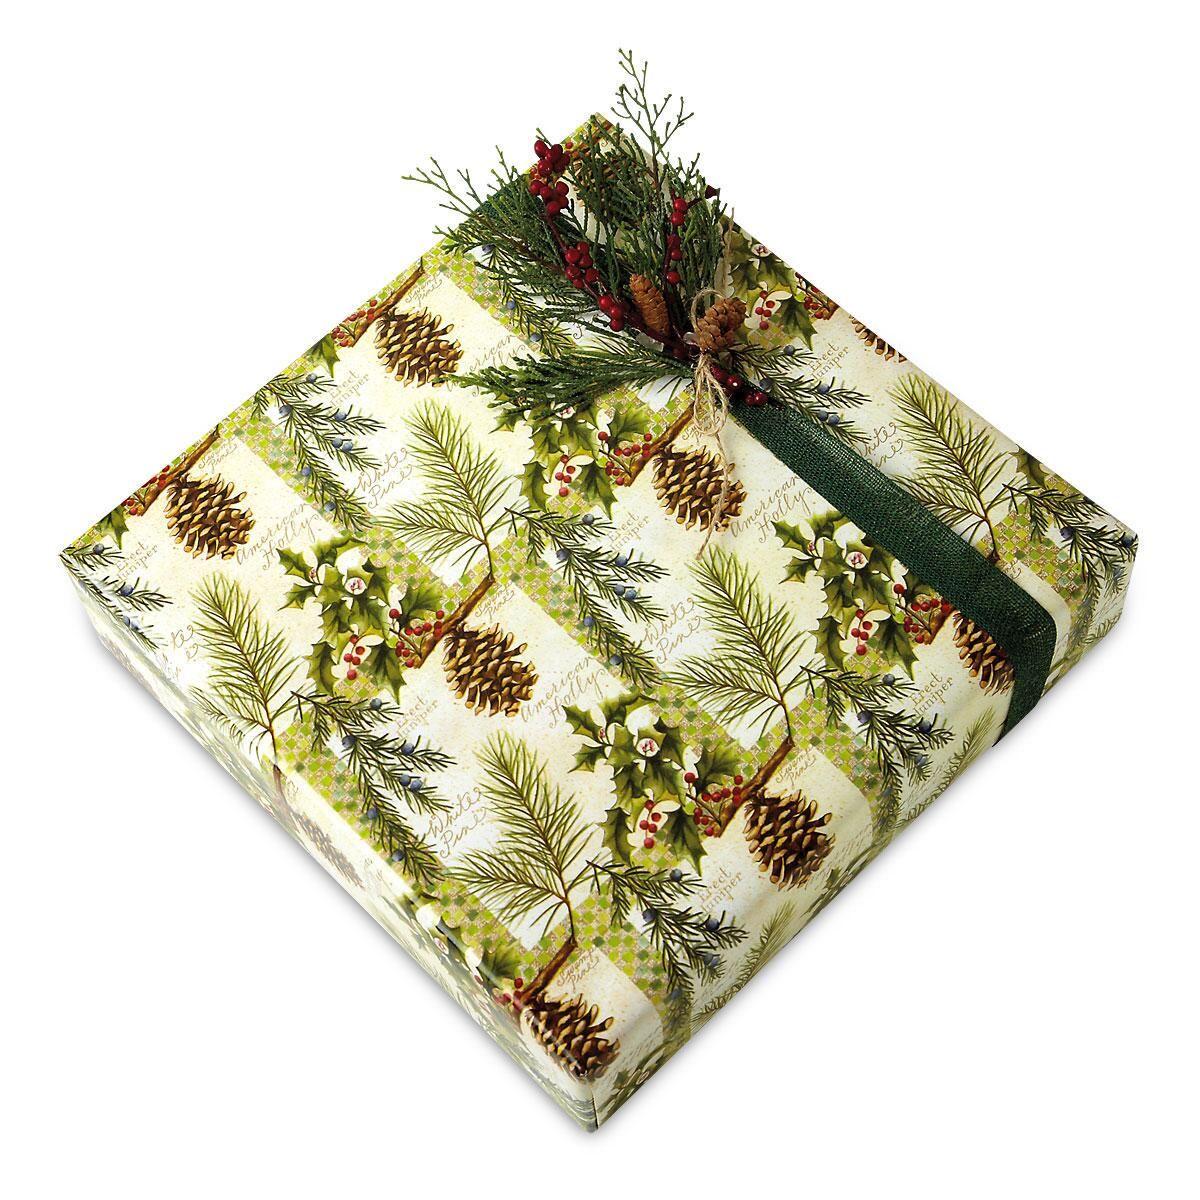 Botanical Windows Jumbo Rolled Gift Wrap